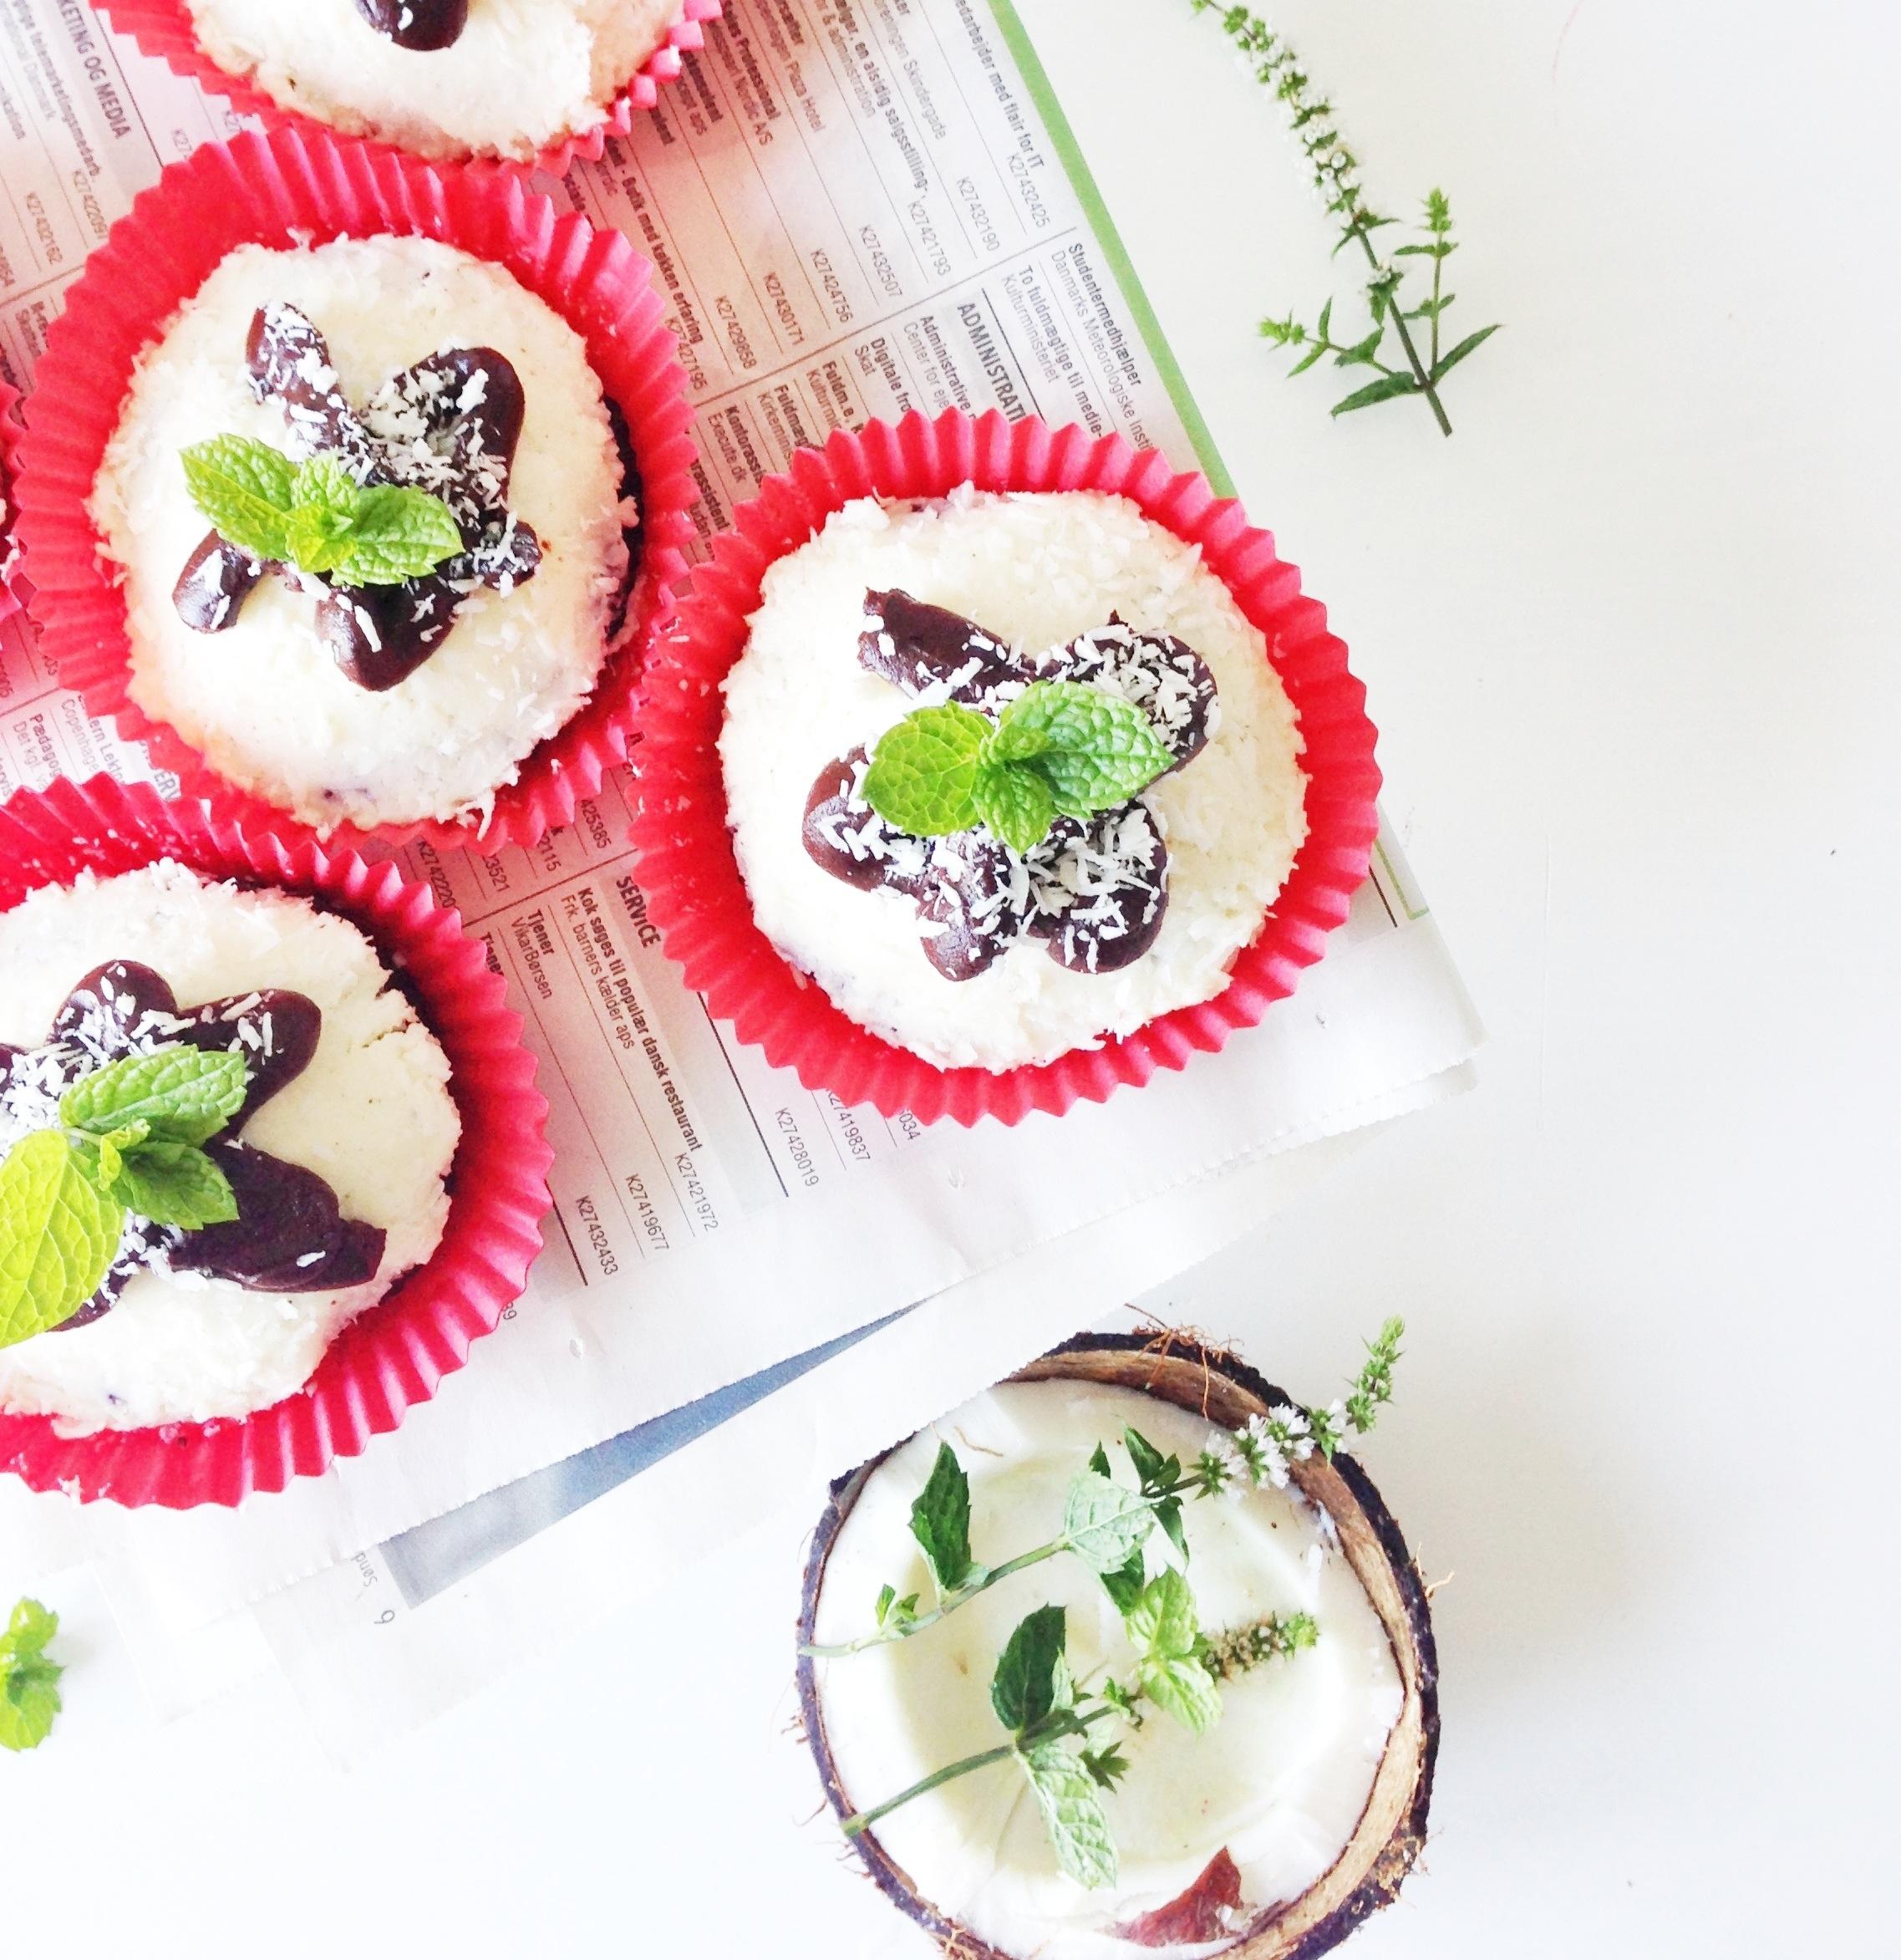 muffins opskrift - sund eller sundere muffins uden sukker